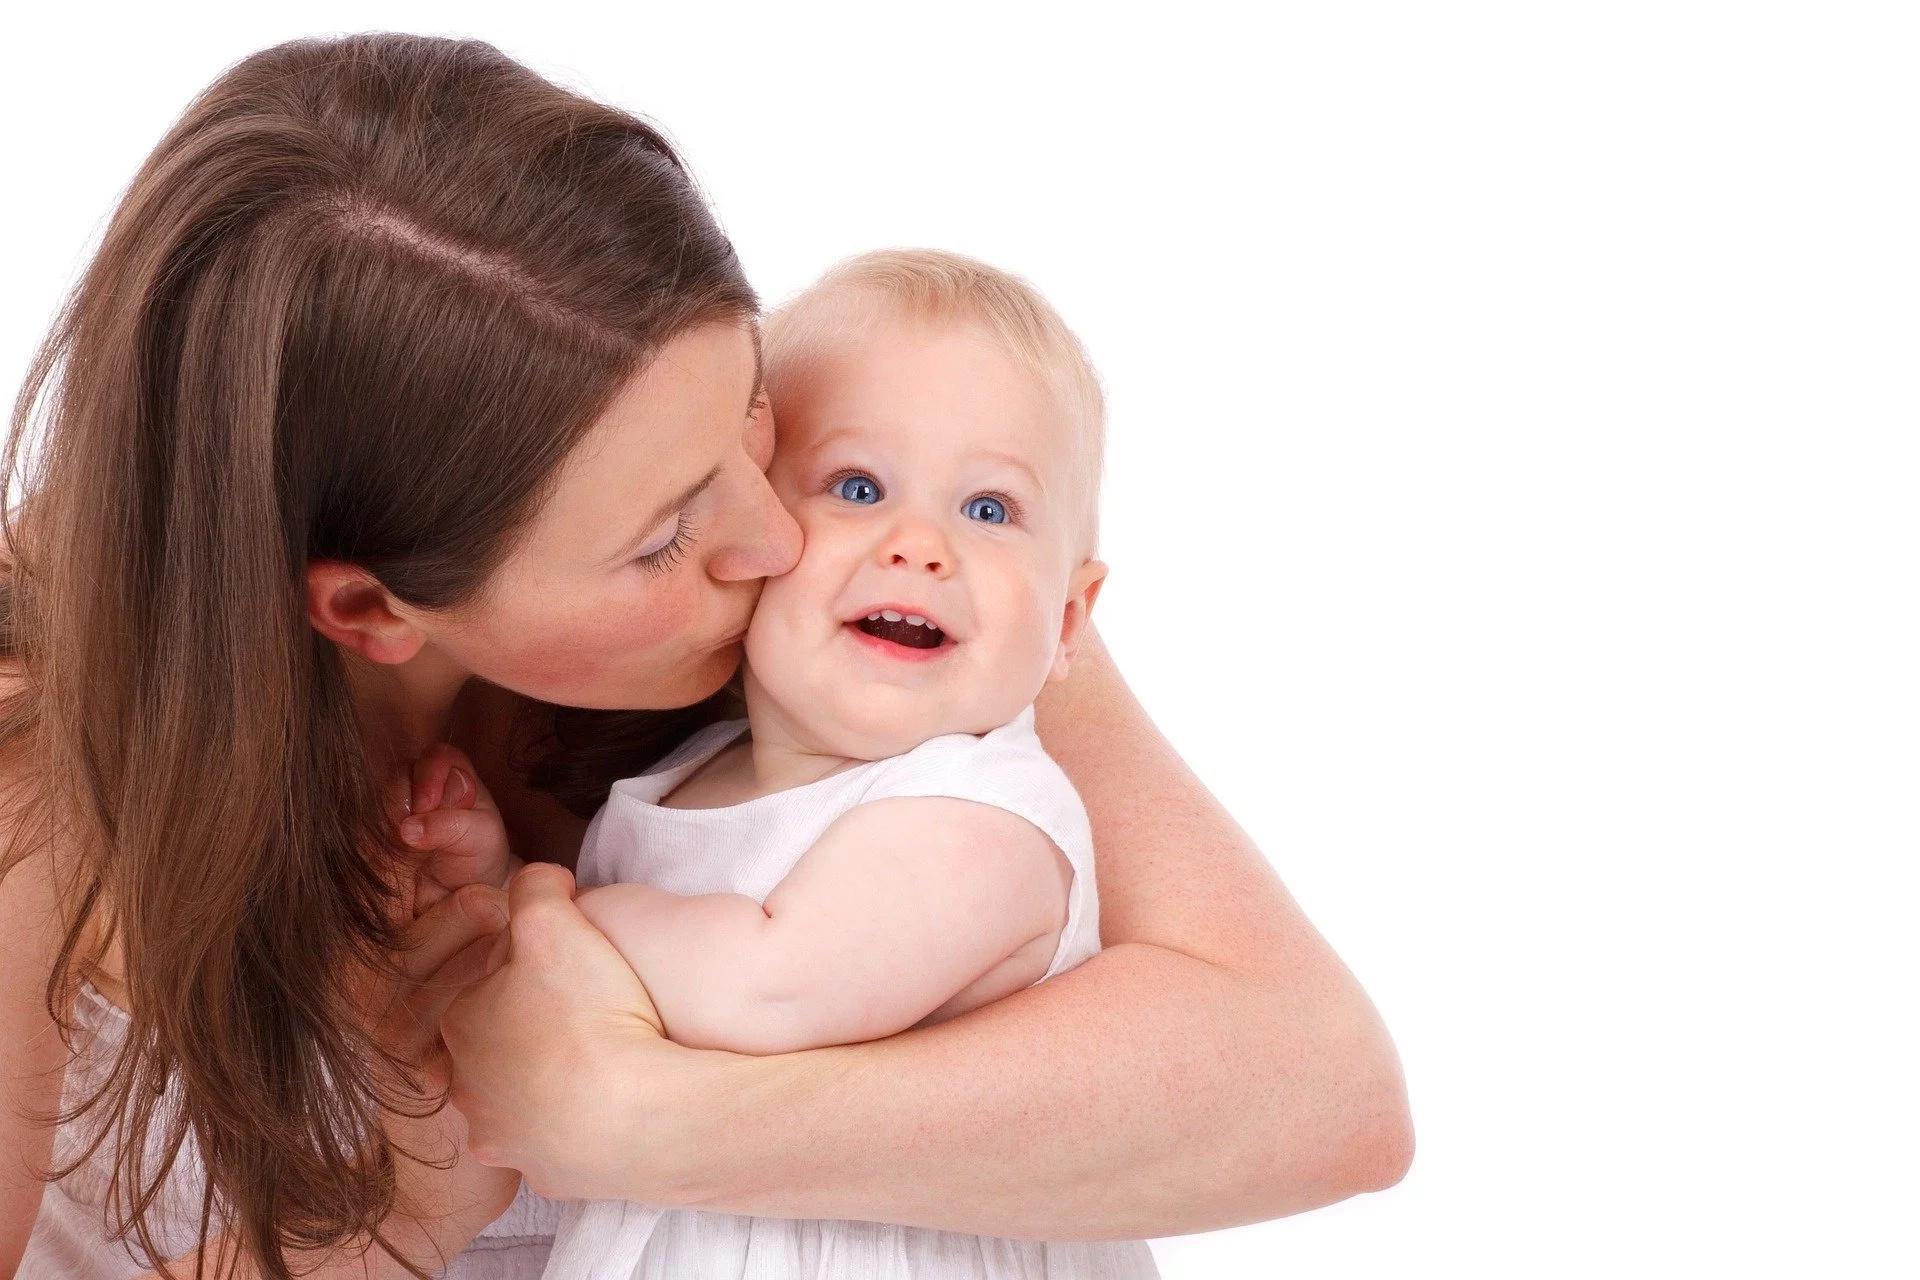 5 pyetje që duhet t'i bëni vetes, para se të vendosni të keni fëmijë